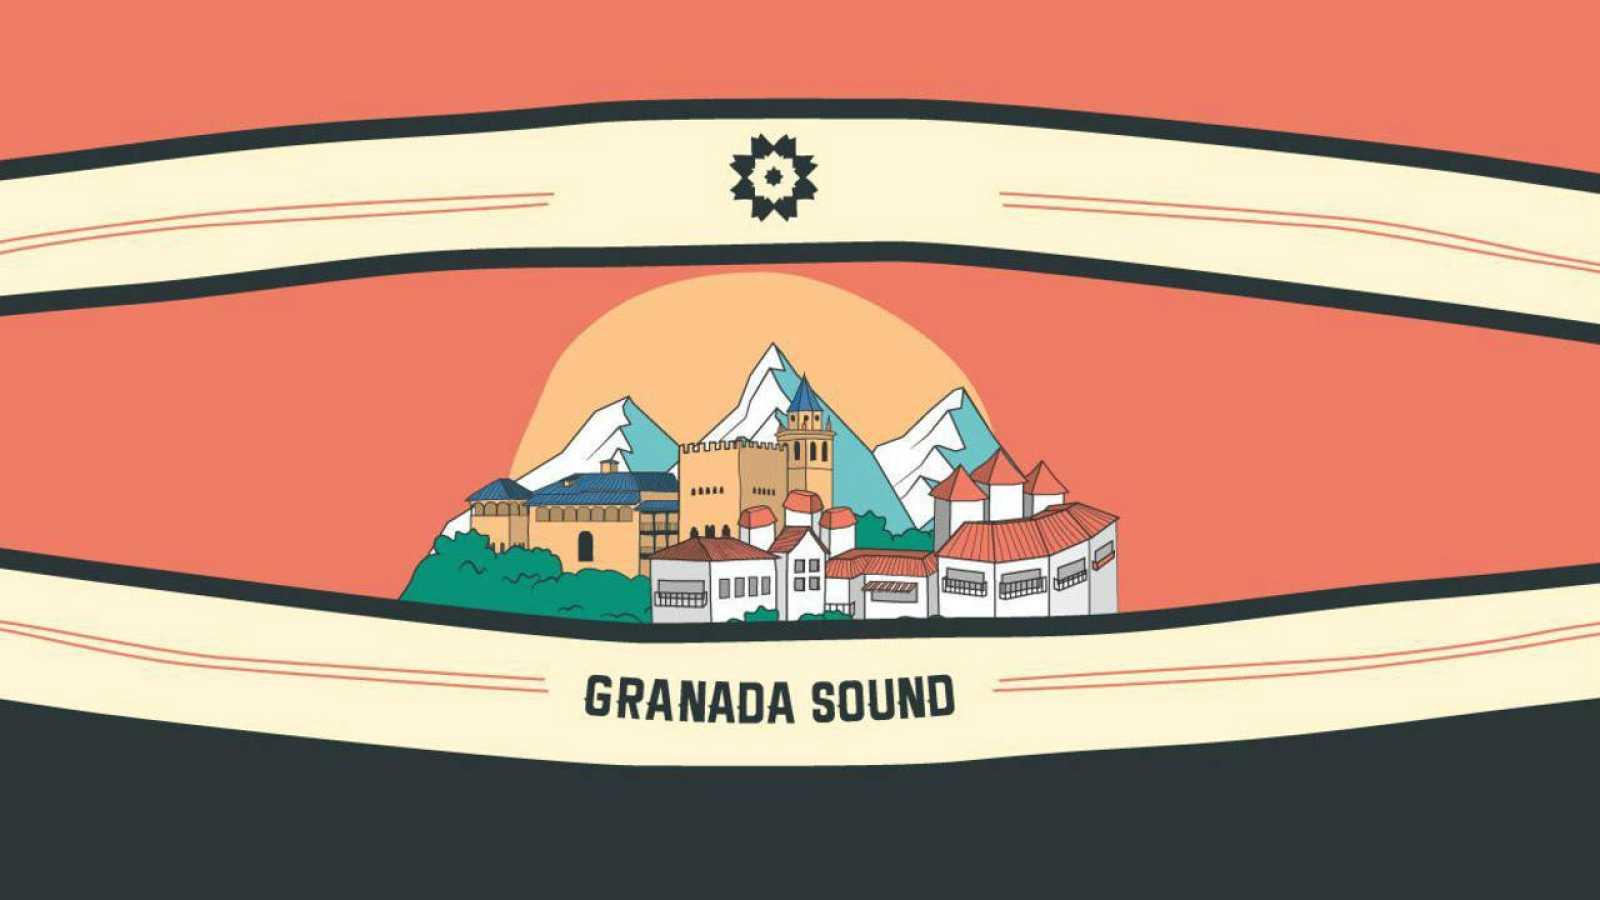 Granada Sound celebrará su quinto aniversario los próximos 23 y 24 de septiembre.